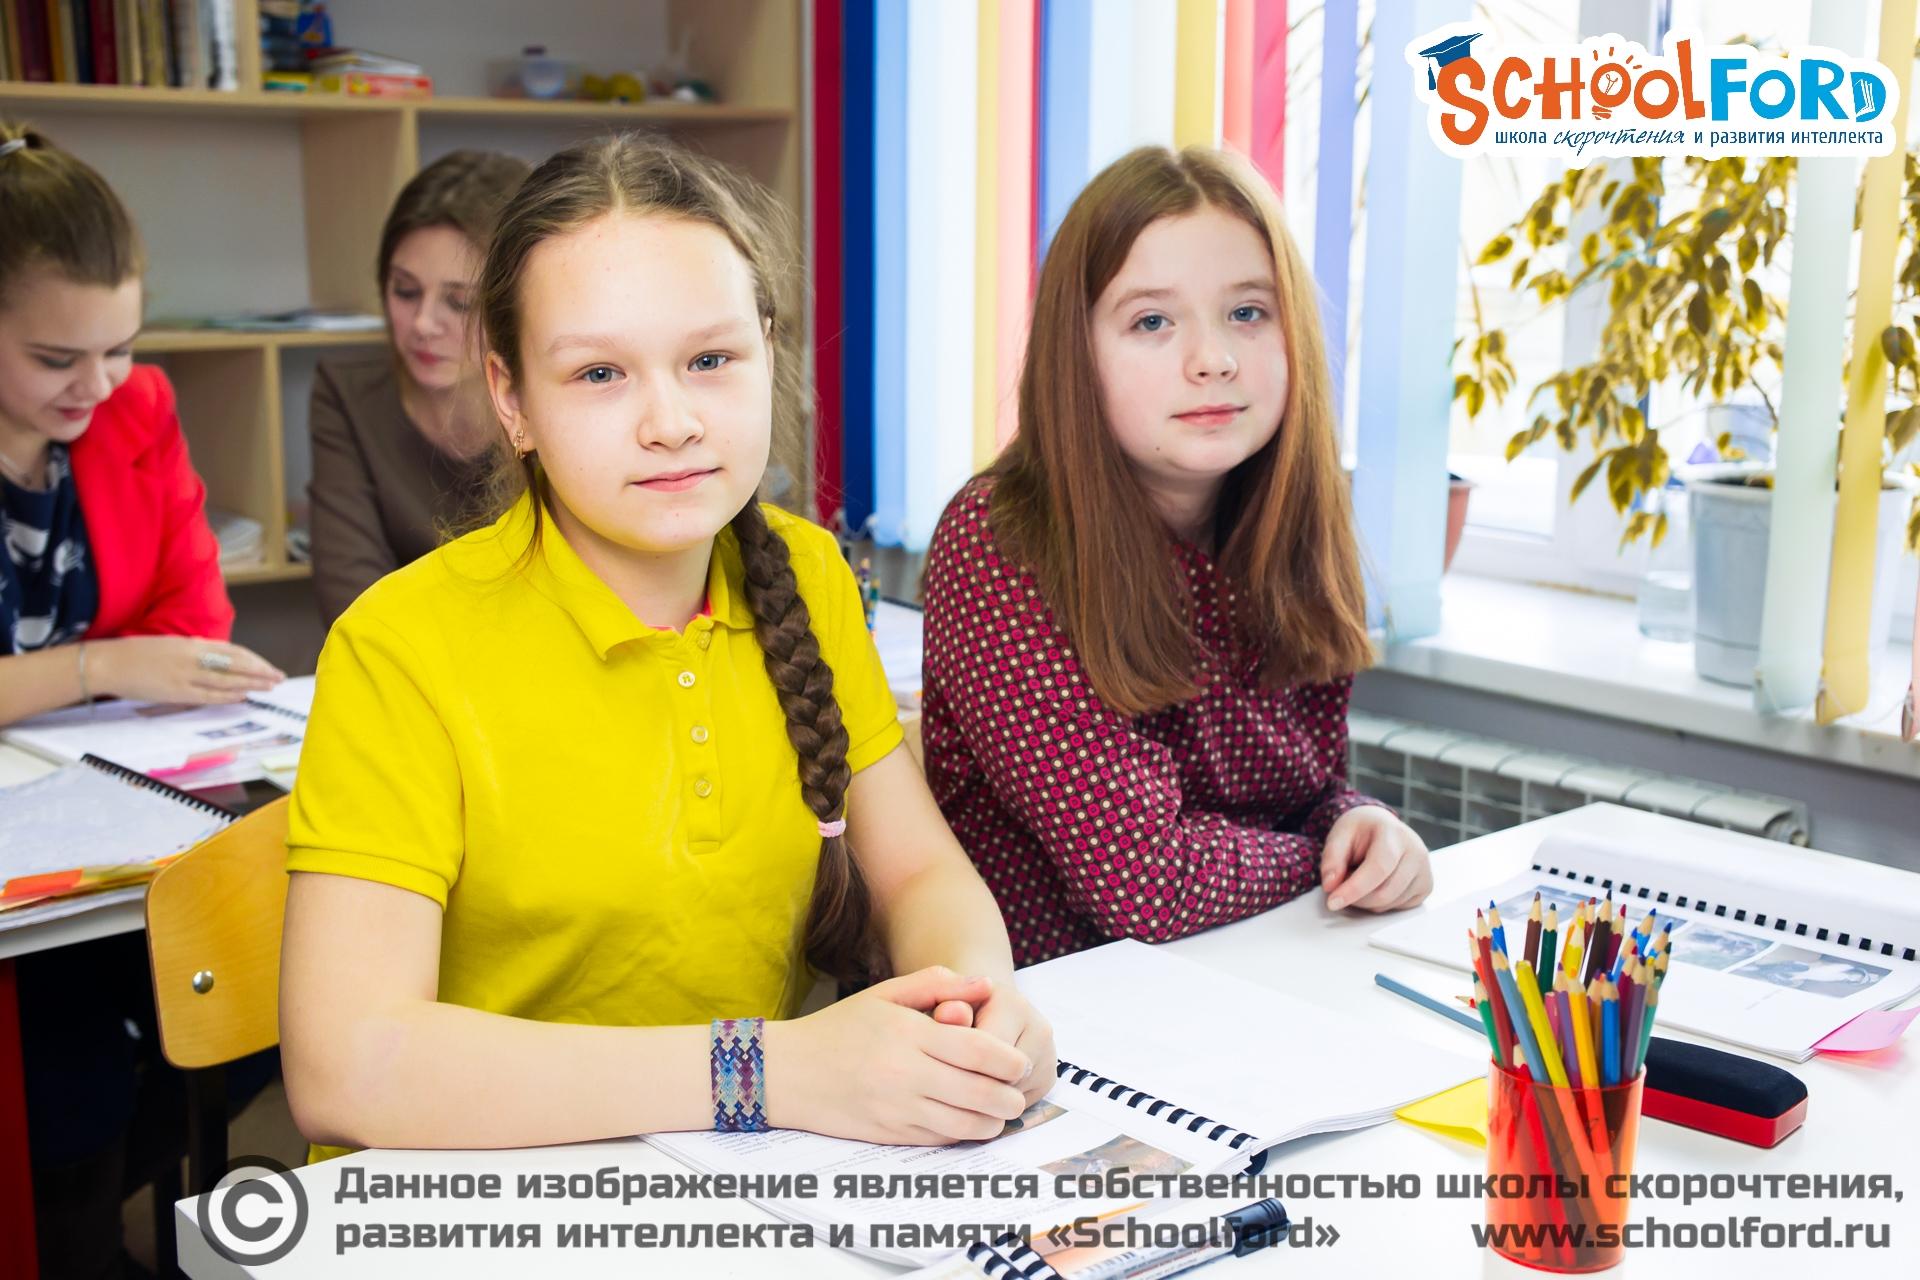 Занятия на курсе «Скорочтение и развитие интеллекта для взрослых». Фото №2